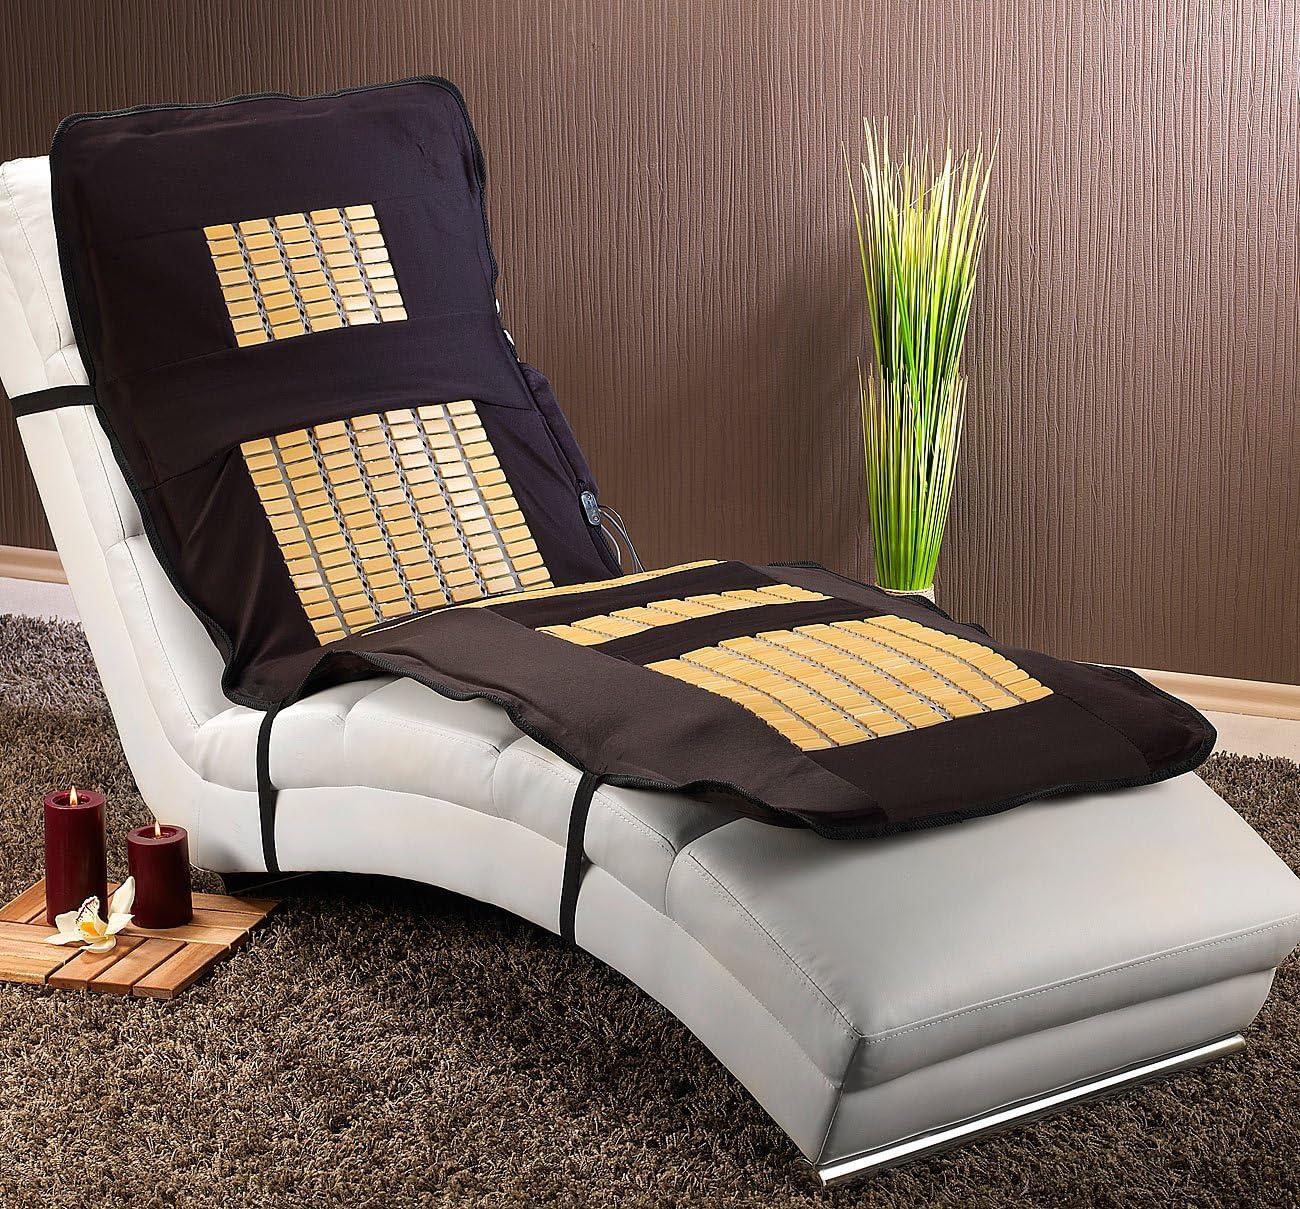 Massage Hilfsmittel für Zuhause